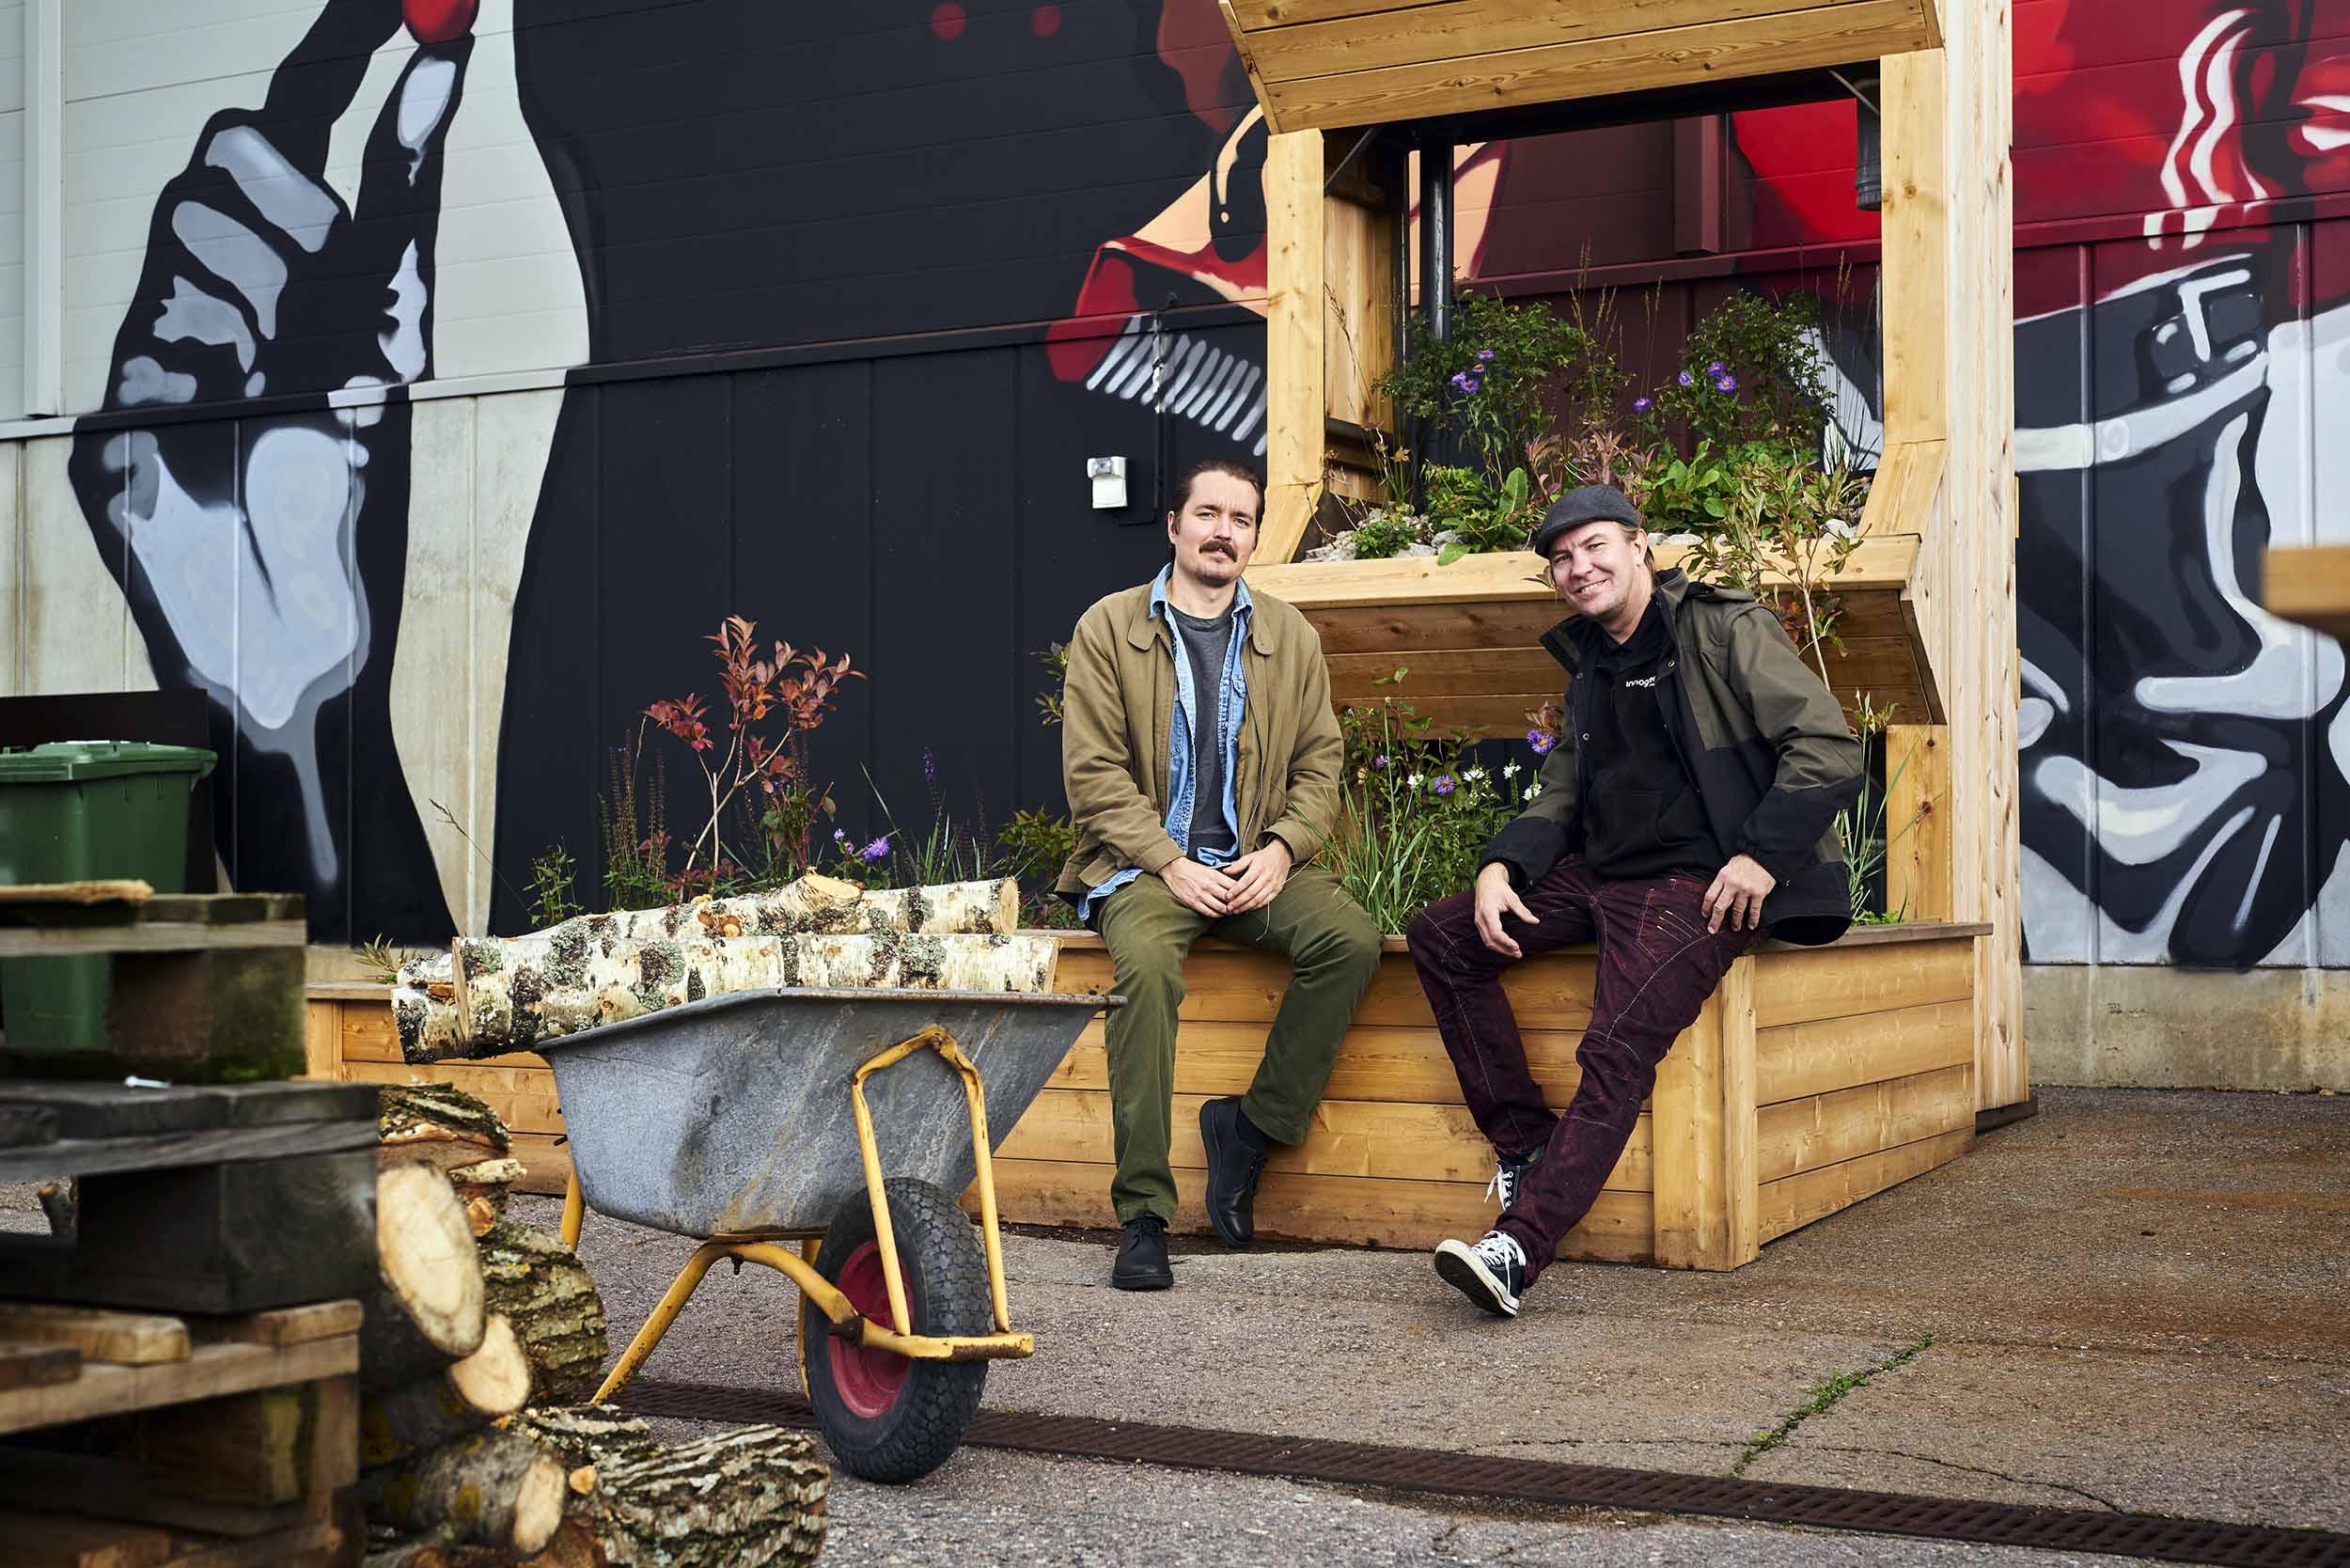 Kaksi miestä istuu puisen telineen edessä ja poseeraa kameralle. Telineellä kasvatetaan viherkasveja. Edessä kottikärryt.